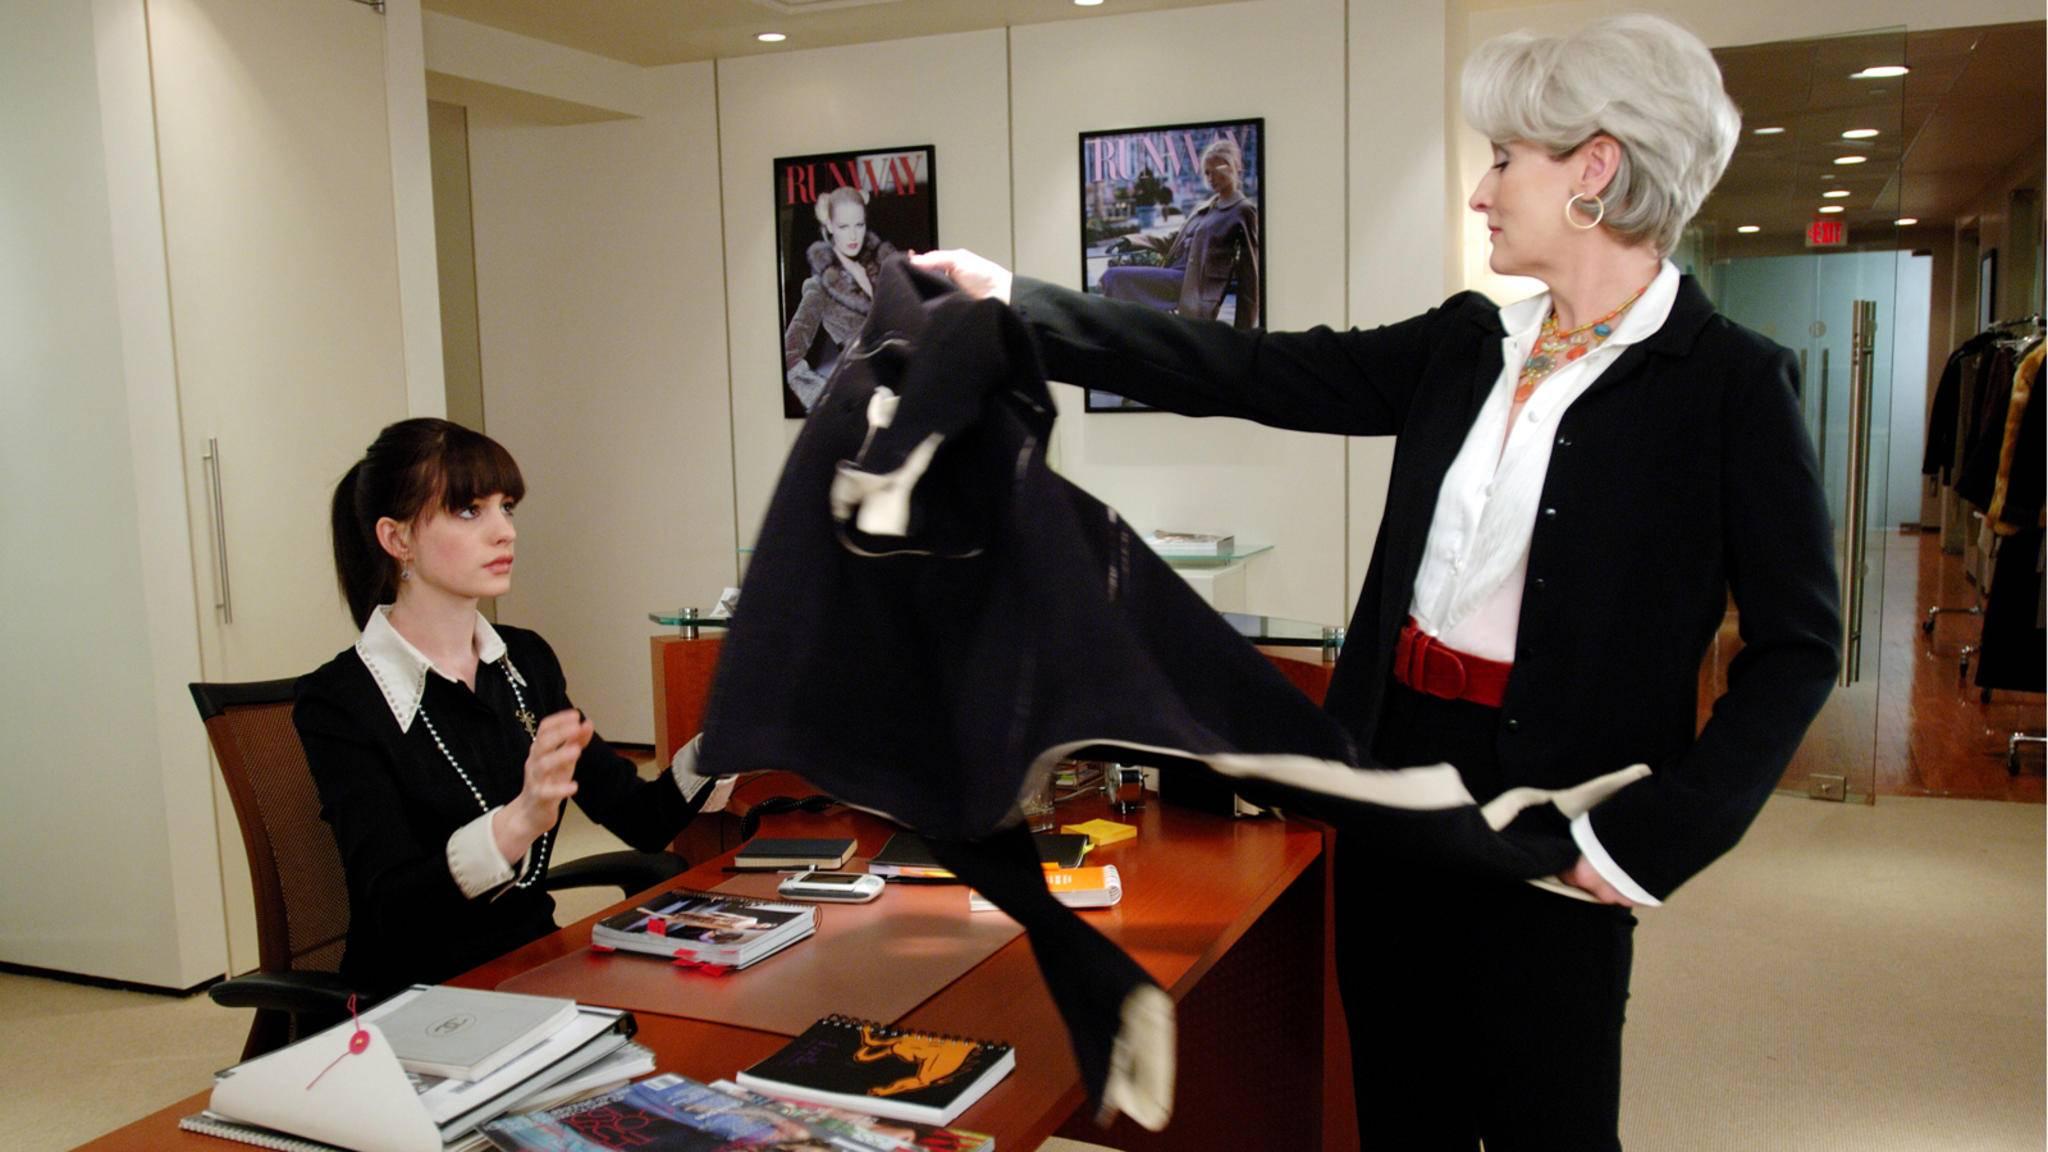 Als Miranda Priestly macht Meryl Streep ihrer neuen Assistentin (Anne Hathaway) das Leben zur Hölle.